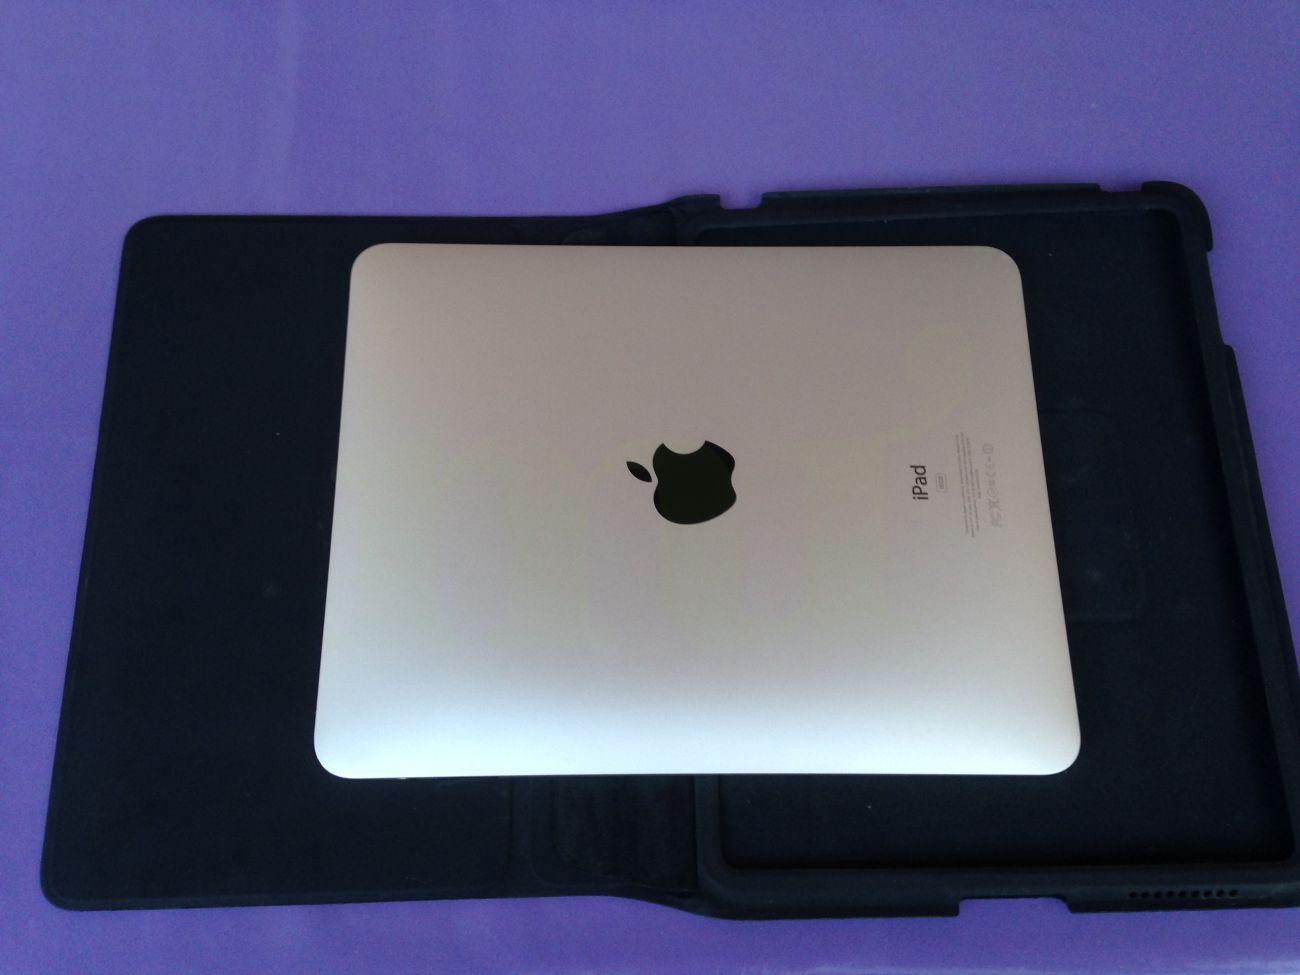 Ipad 1 ipad 1 16 gb funda venta segunda mano apple - Ipad 1 funda ...